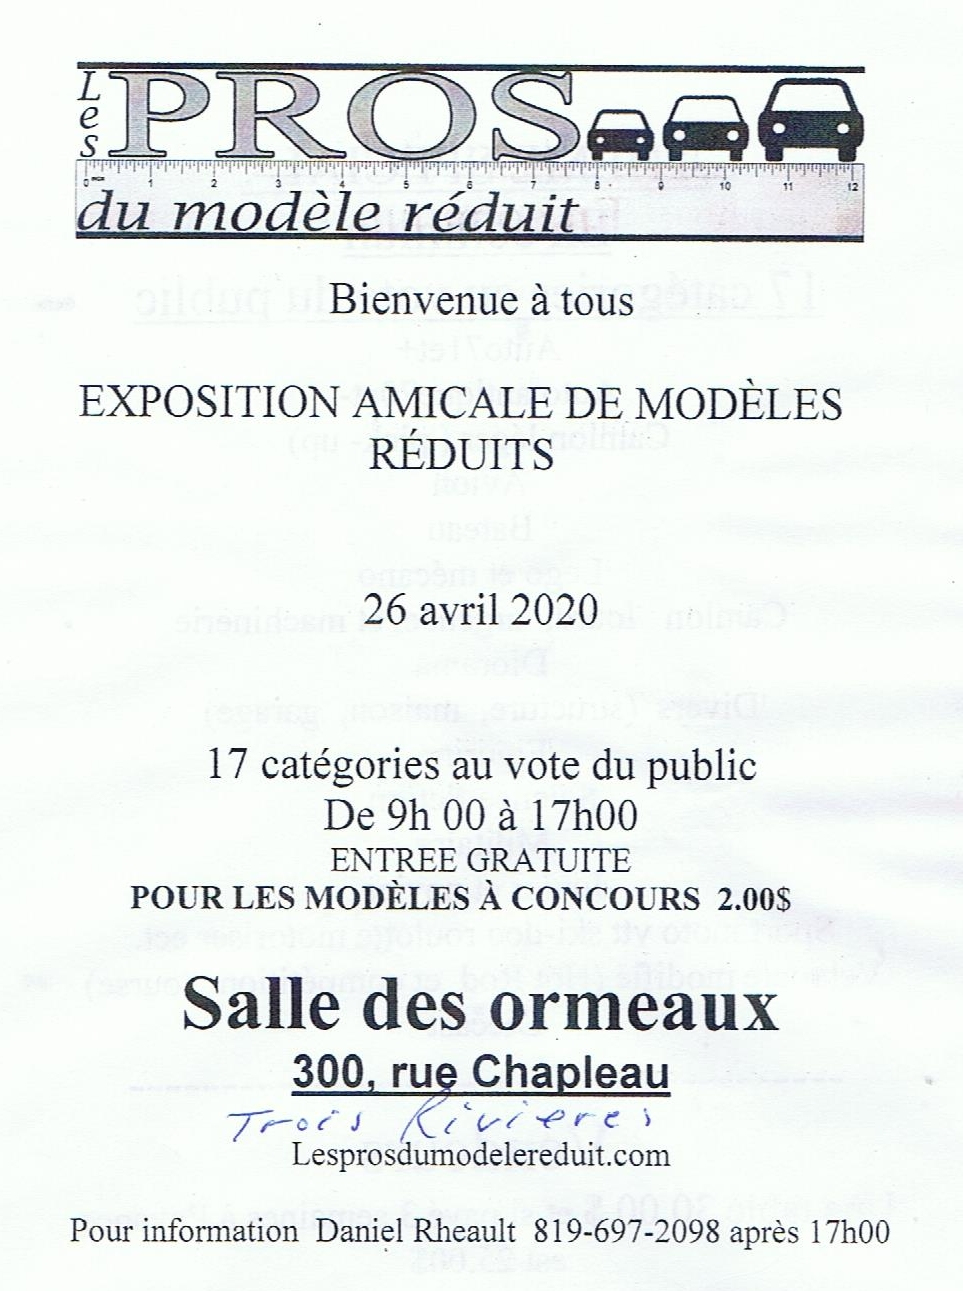 Expo Les Pros du Modèle Réduit 2020 00115